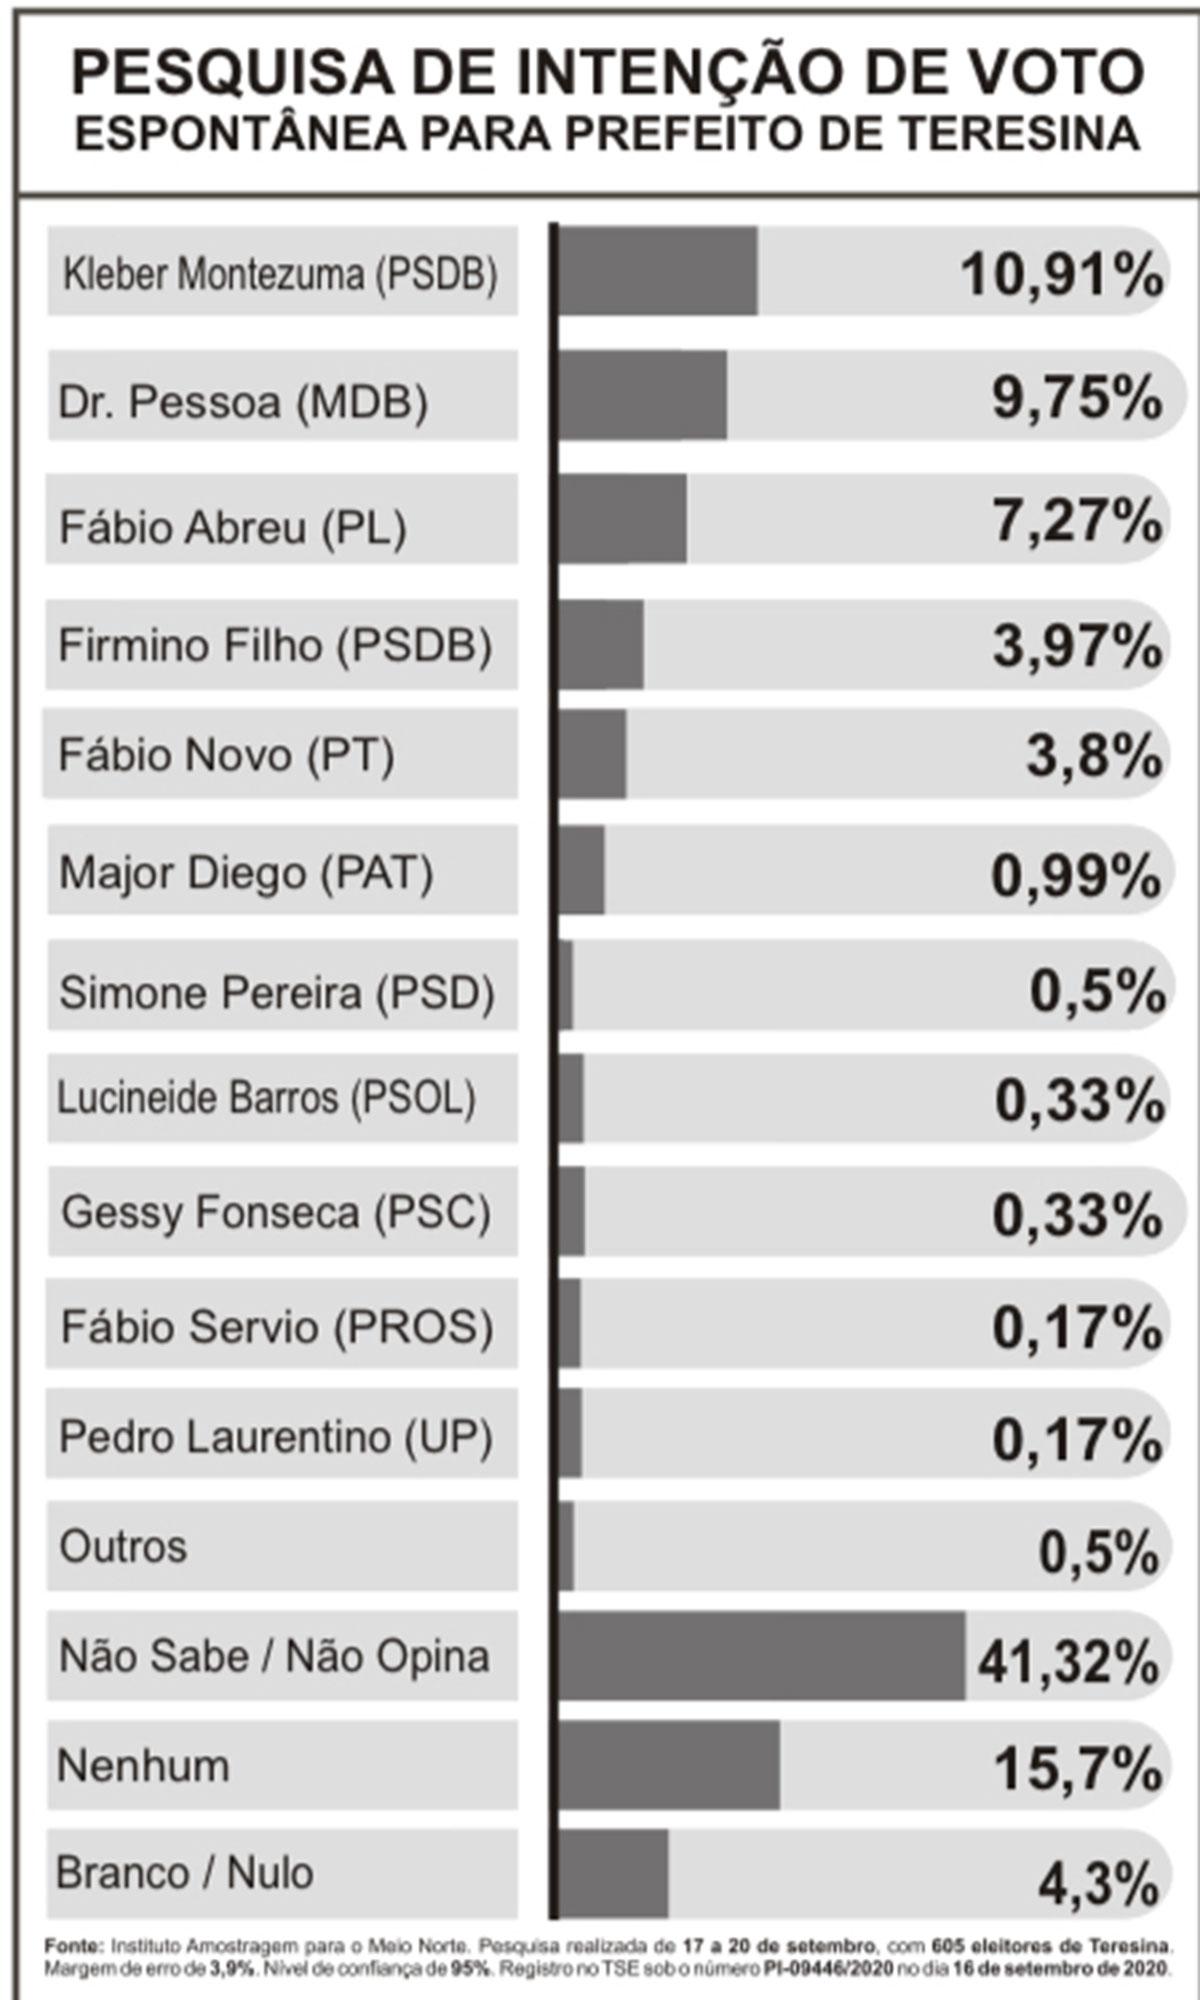 Pesquisa Amostragem: Na espontânea, Kleber tem 10,91% e Pessoa 9,75%